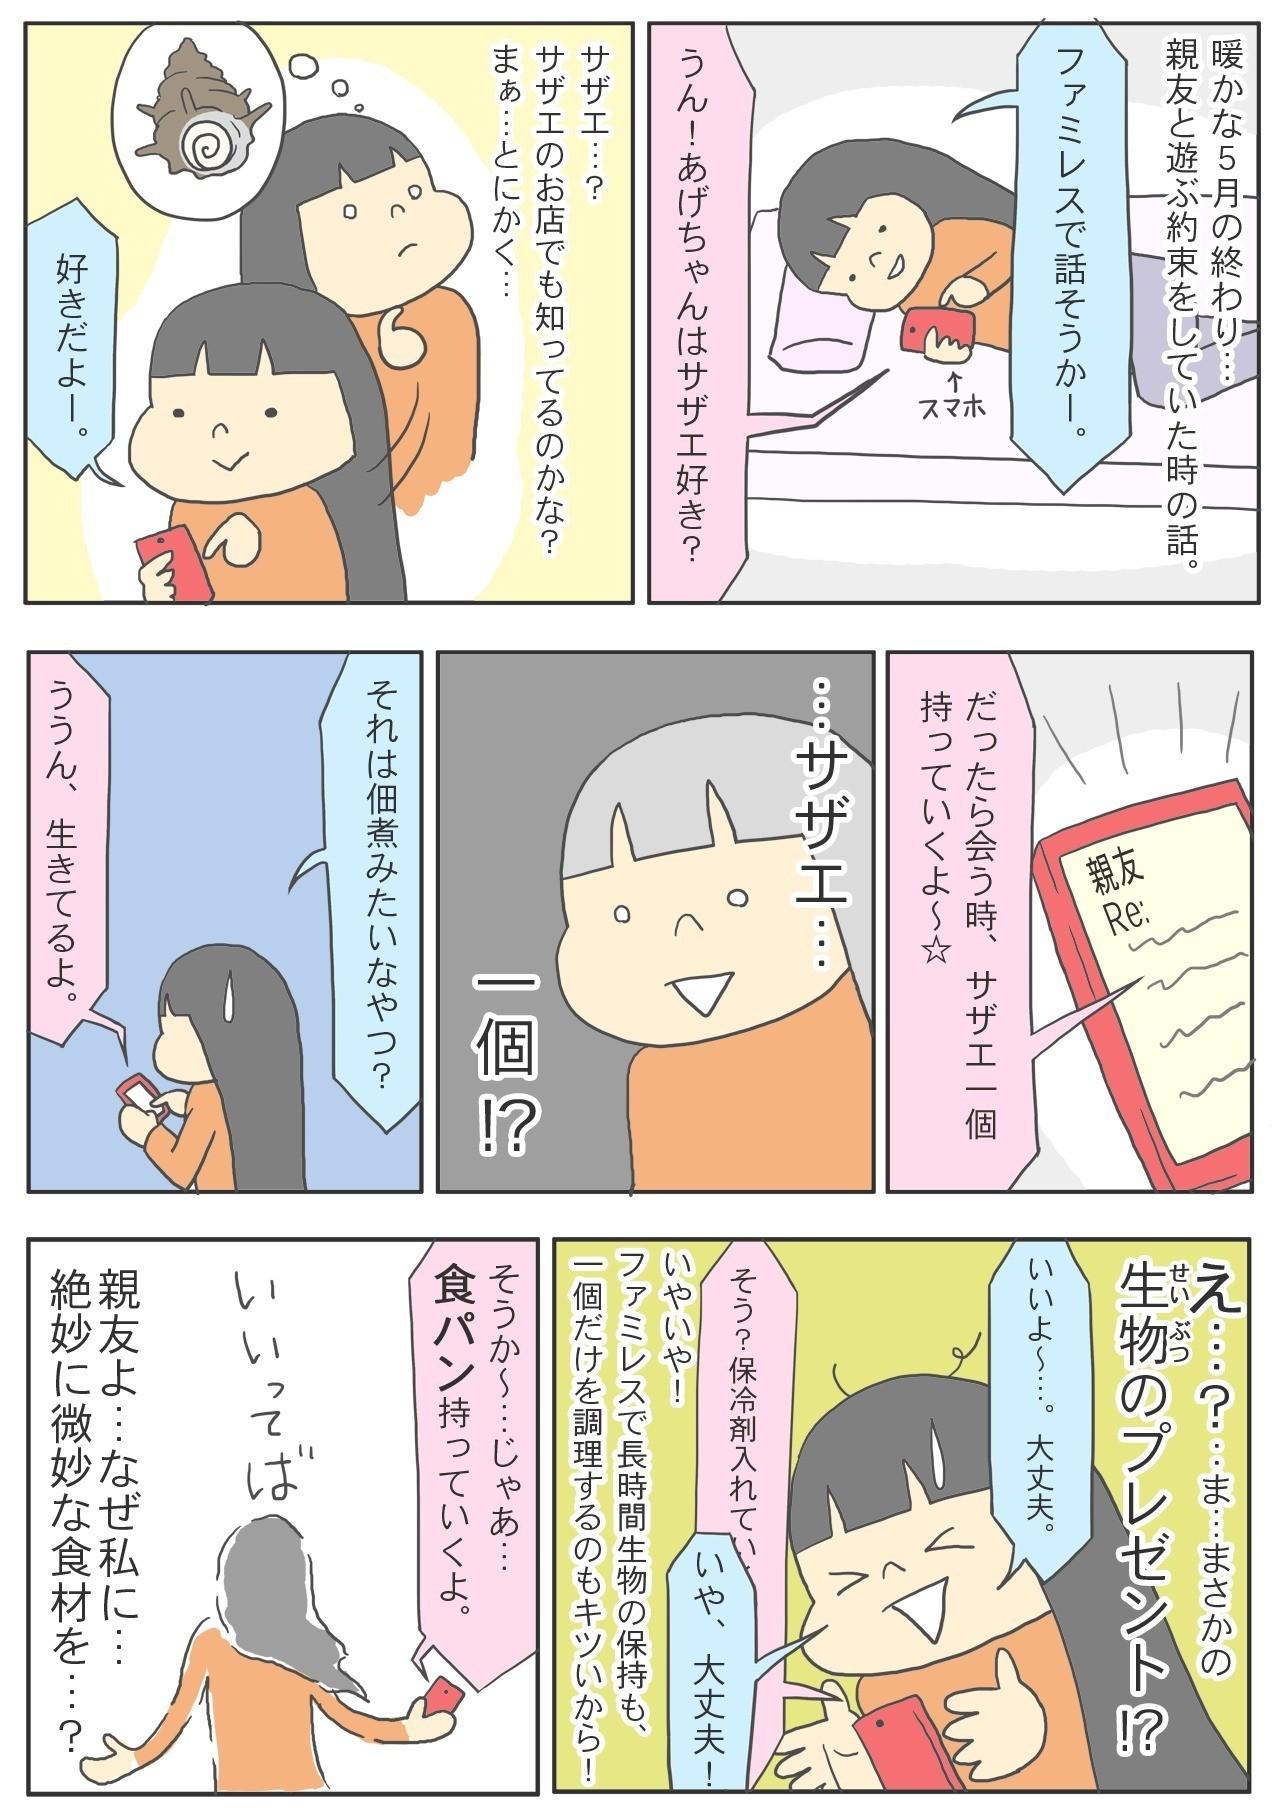 前回描いた親友の話→ https://note.mu/minaha_star/n/n5486df29ae3f